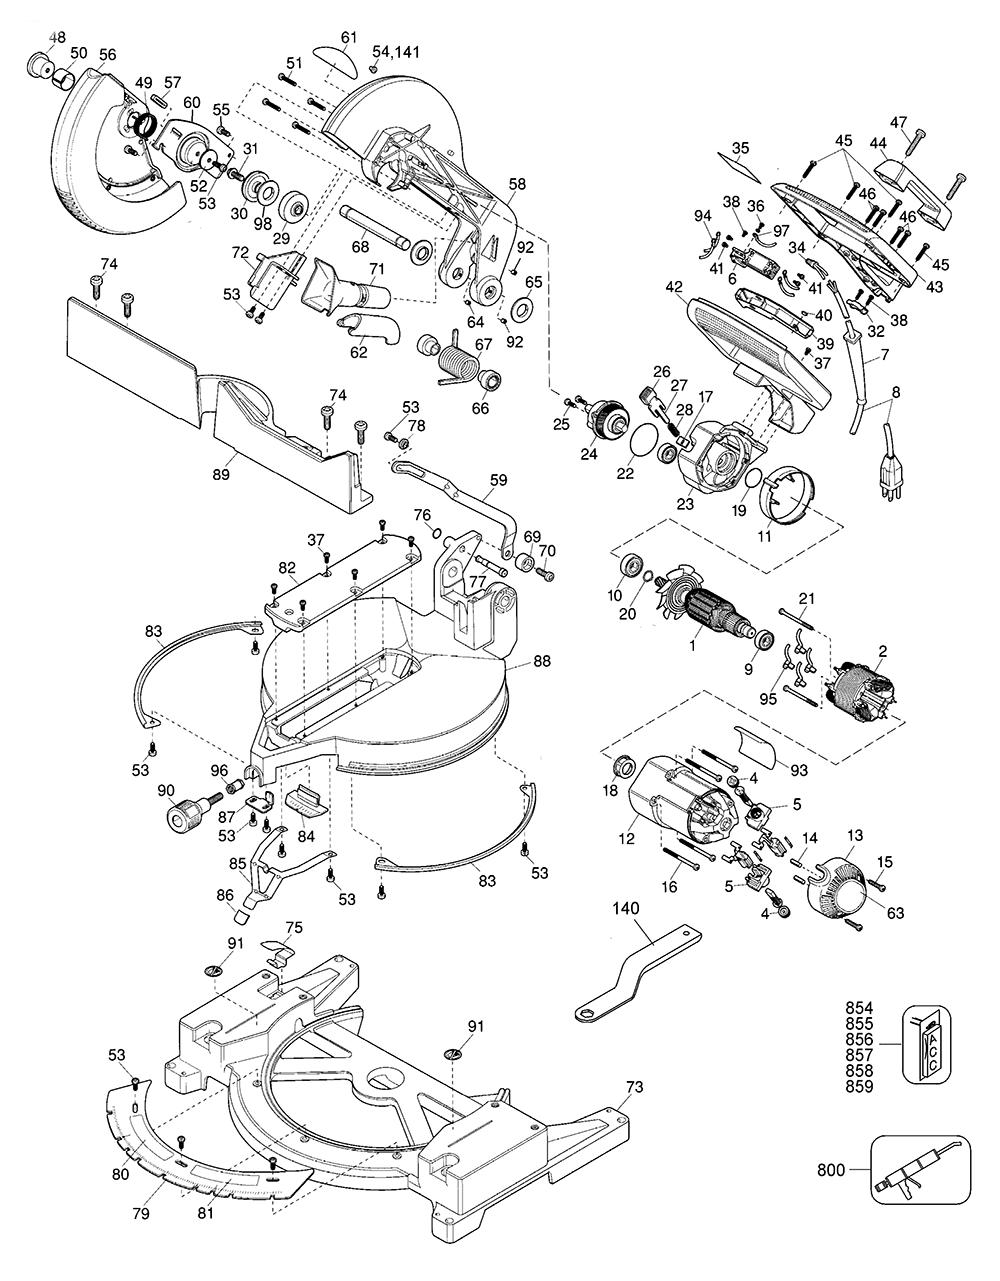 hight resolution of dewalt miter saw wiring diagram dw715 wiring diagram chainsaw parts craftsman chainsaw diagram 358 355061